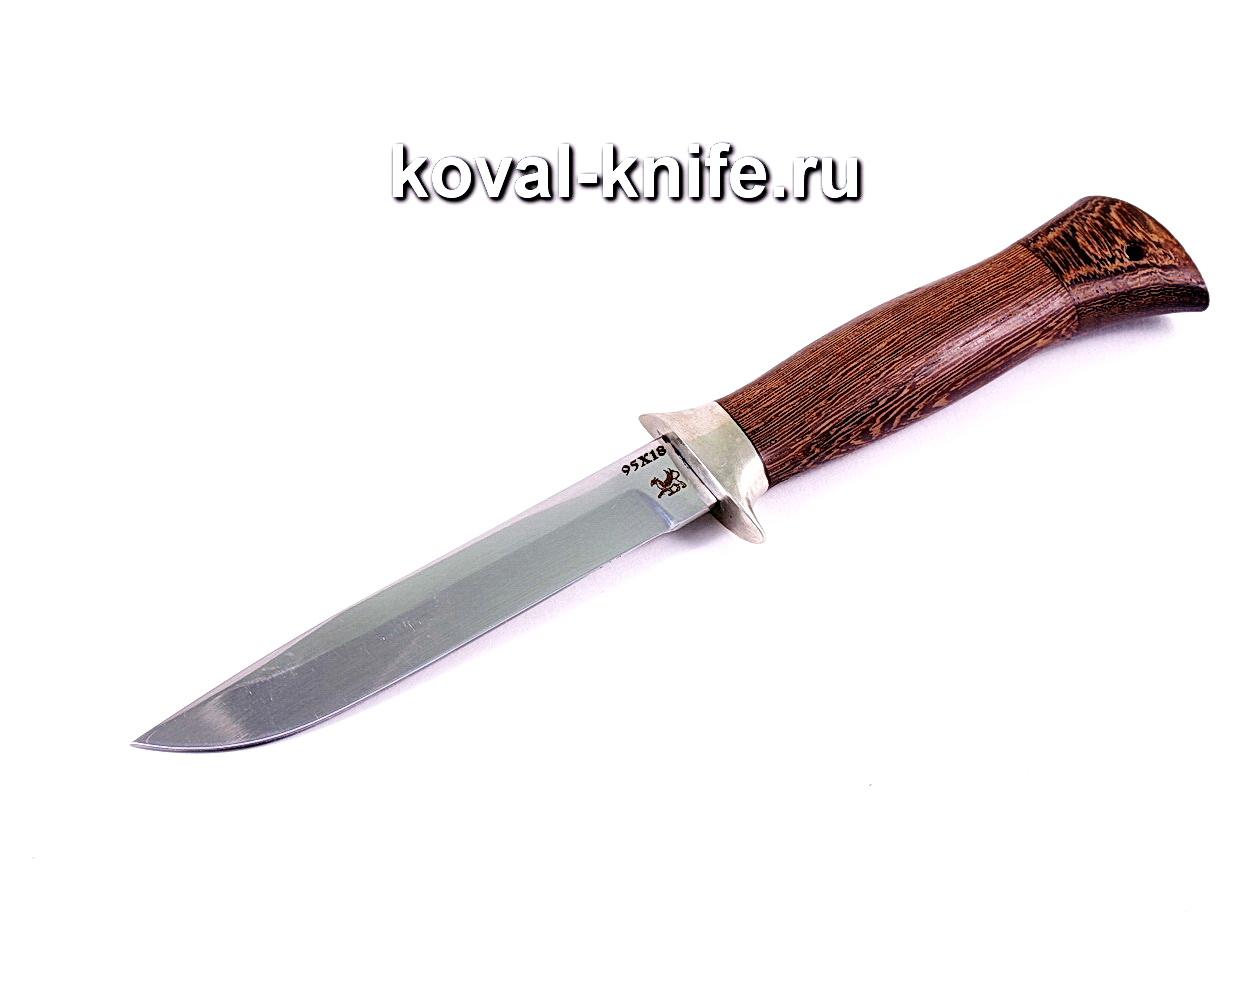 Нож Турист-3 (сталь 95х18), рукоять венге, литье A116